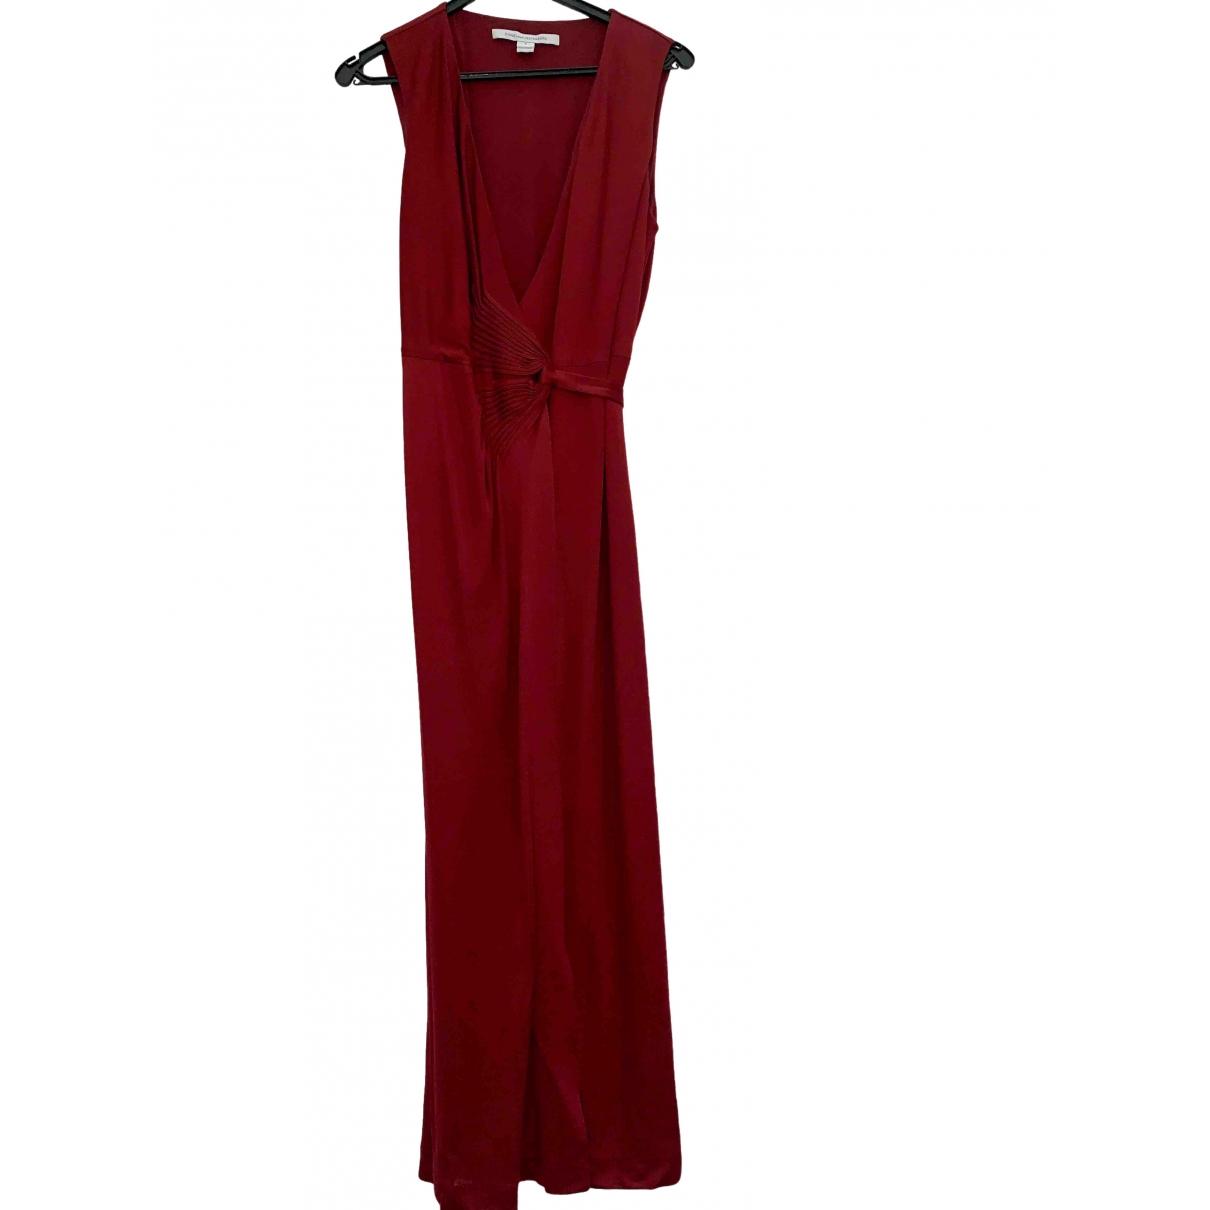 Diane Von Furstenberg \N Kleid in  Bordeauxrot Viskose